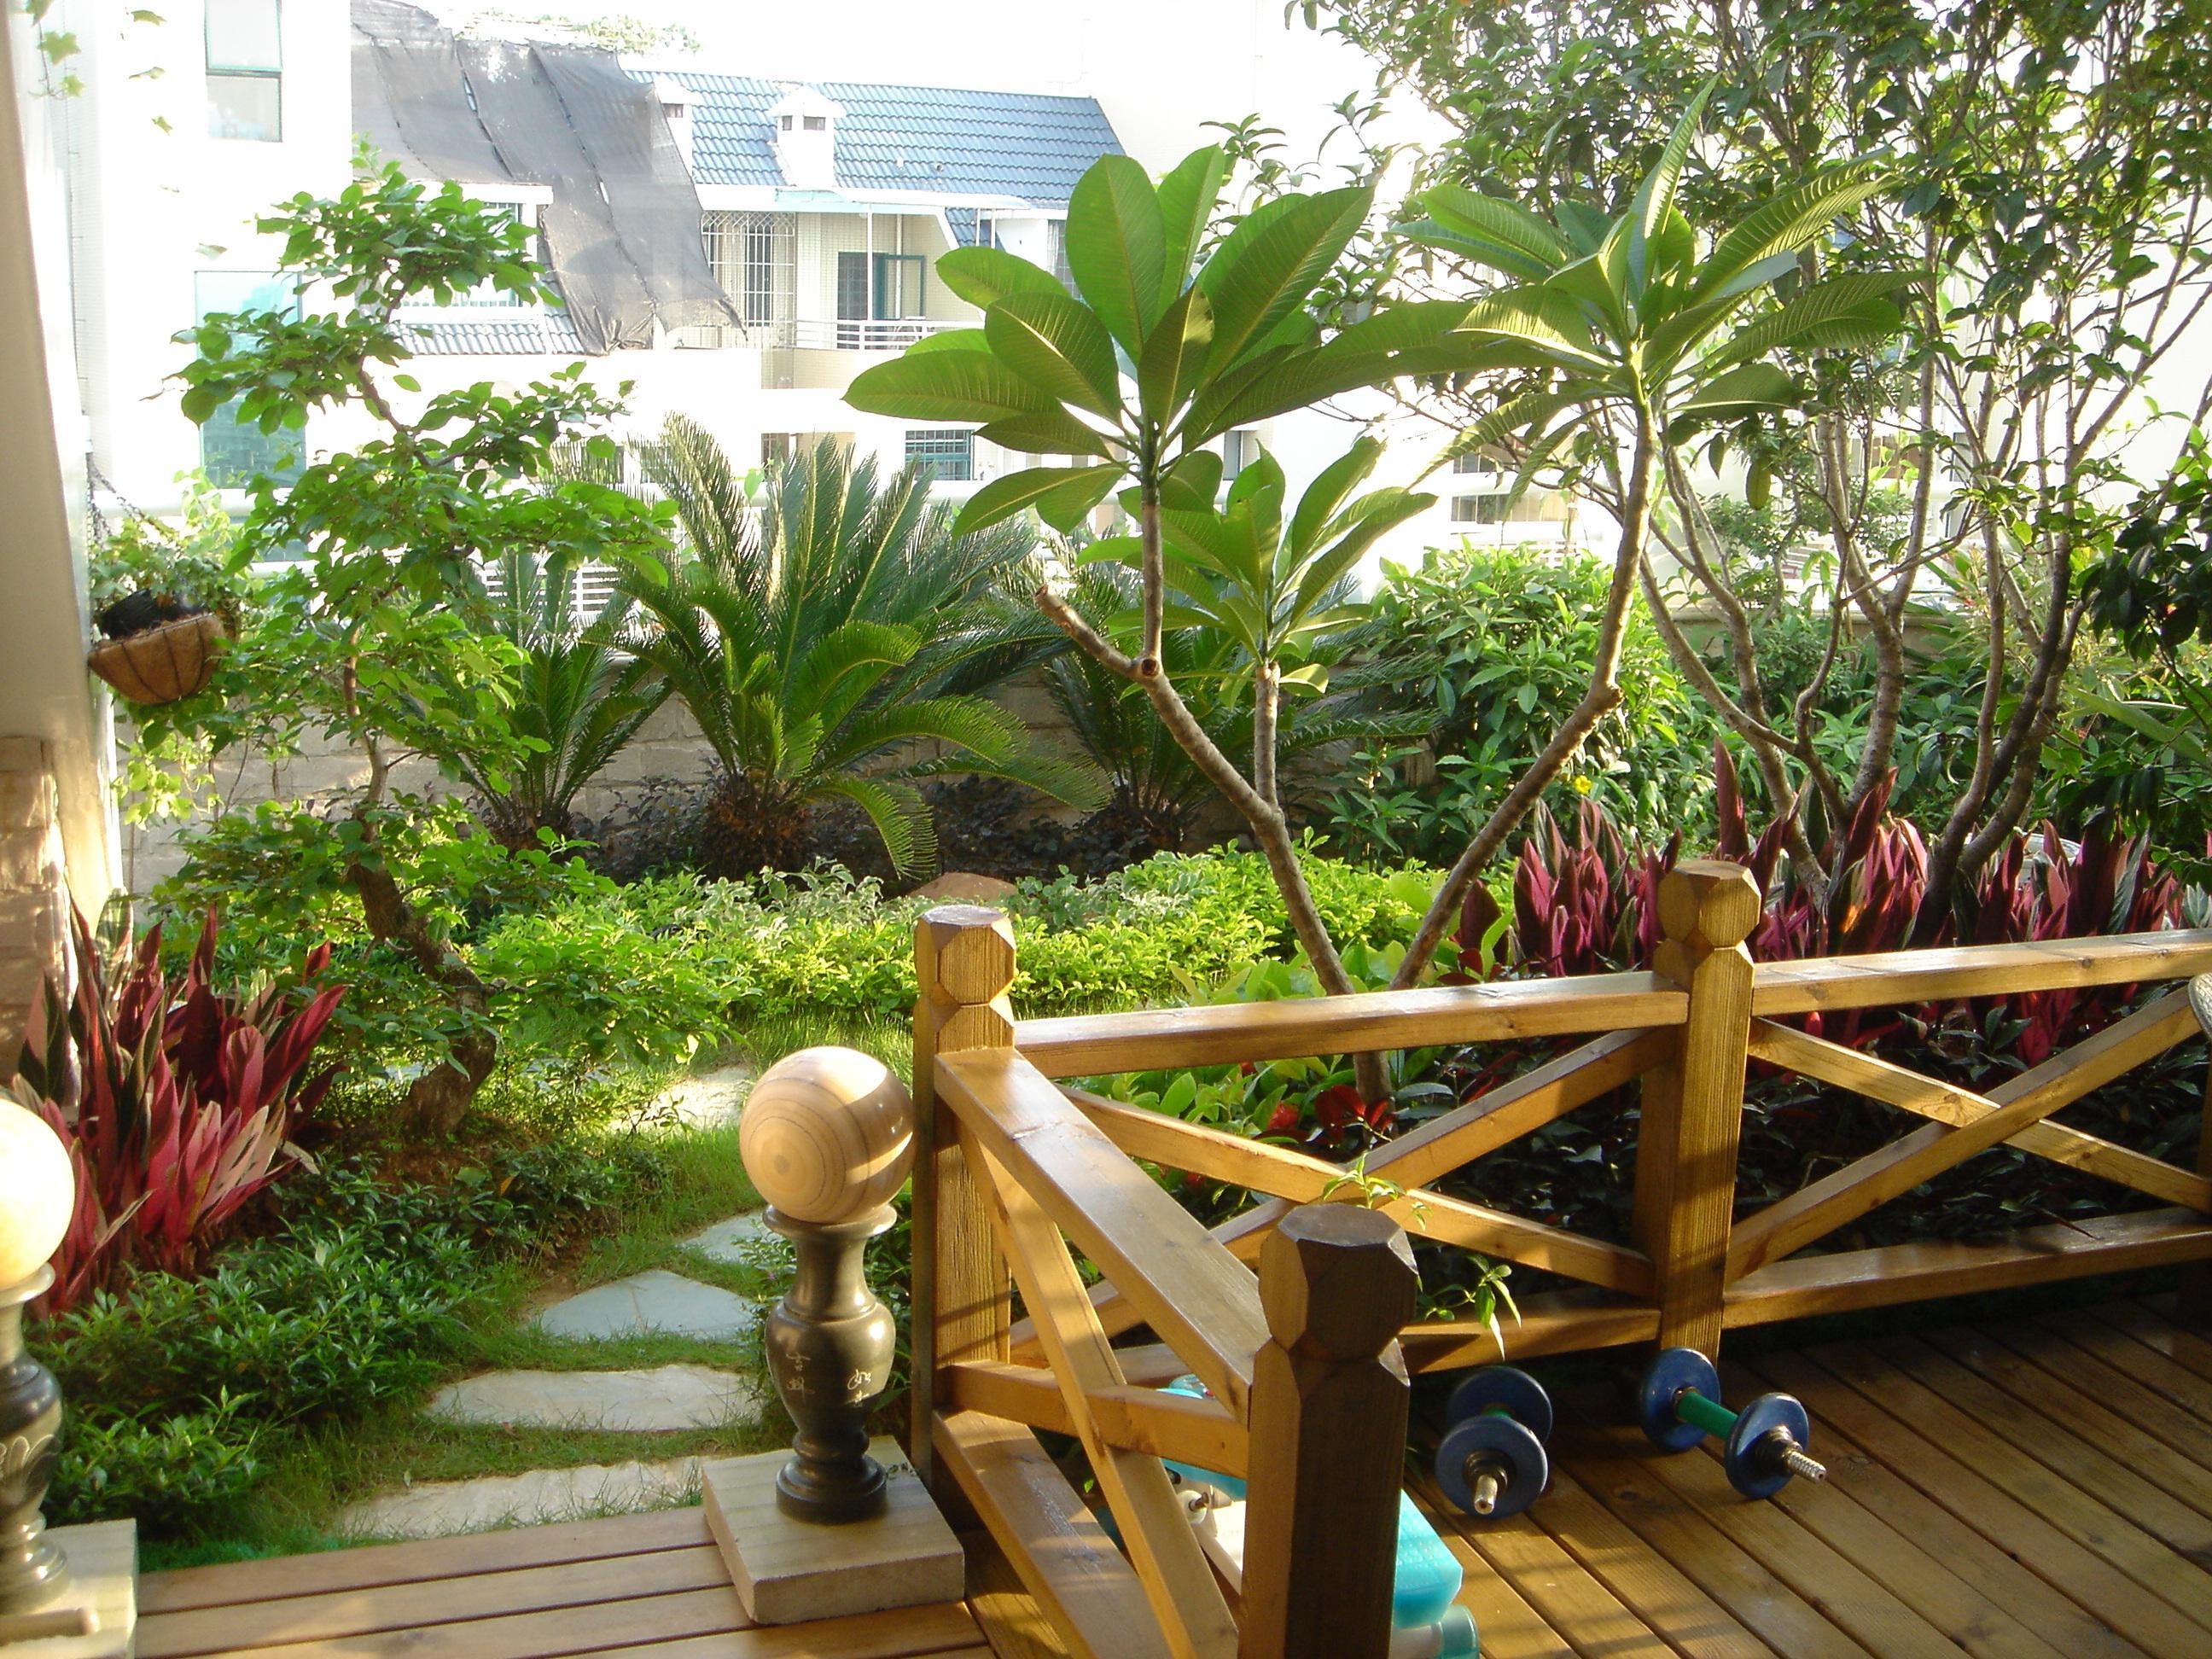 图楼顶花园设计实景图花园设计实景图私家花园